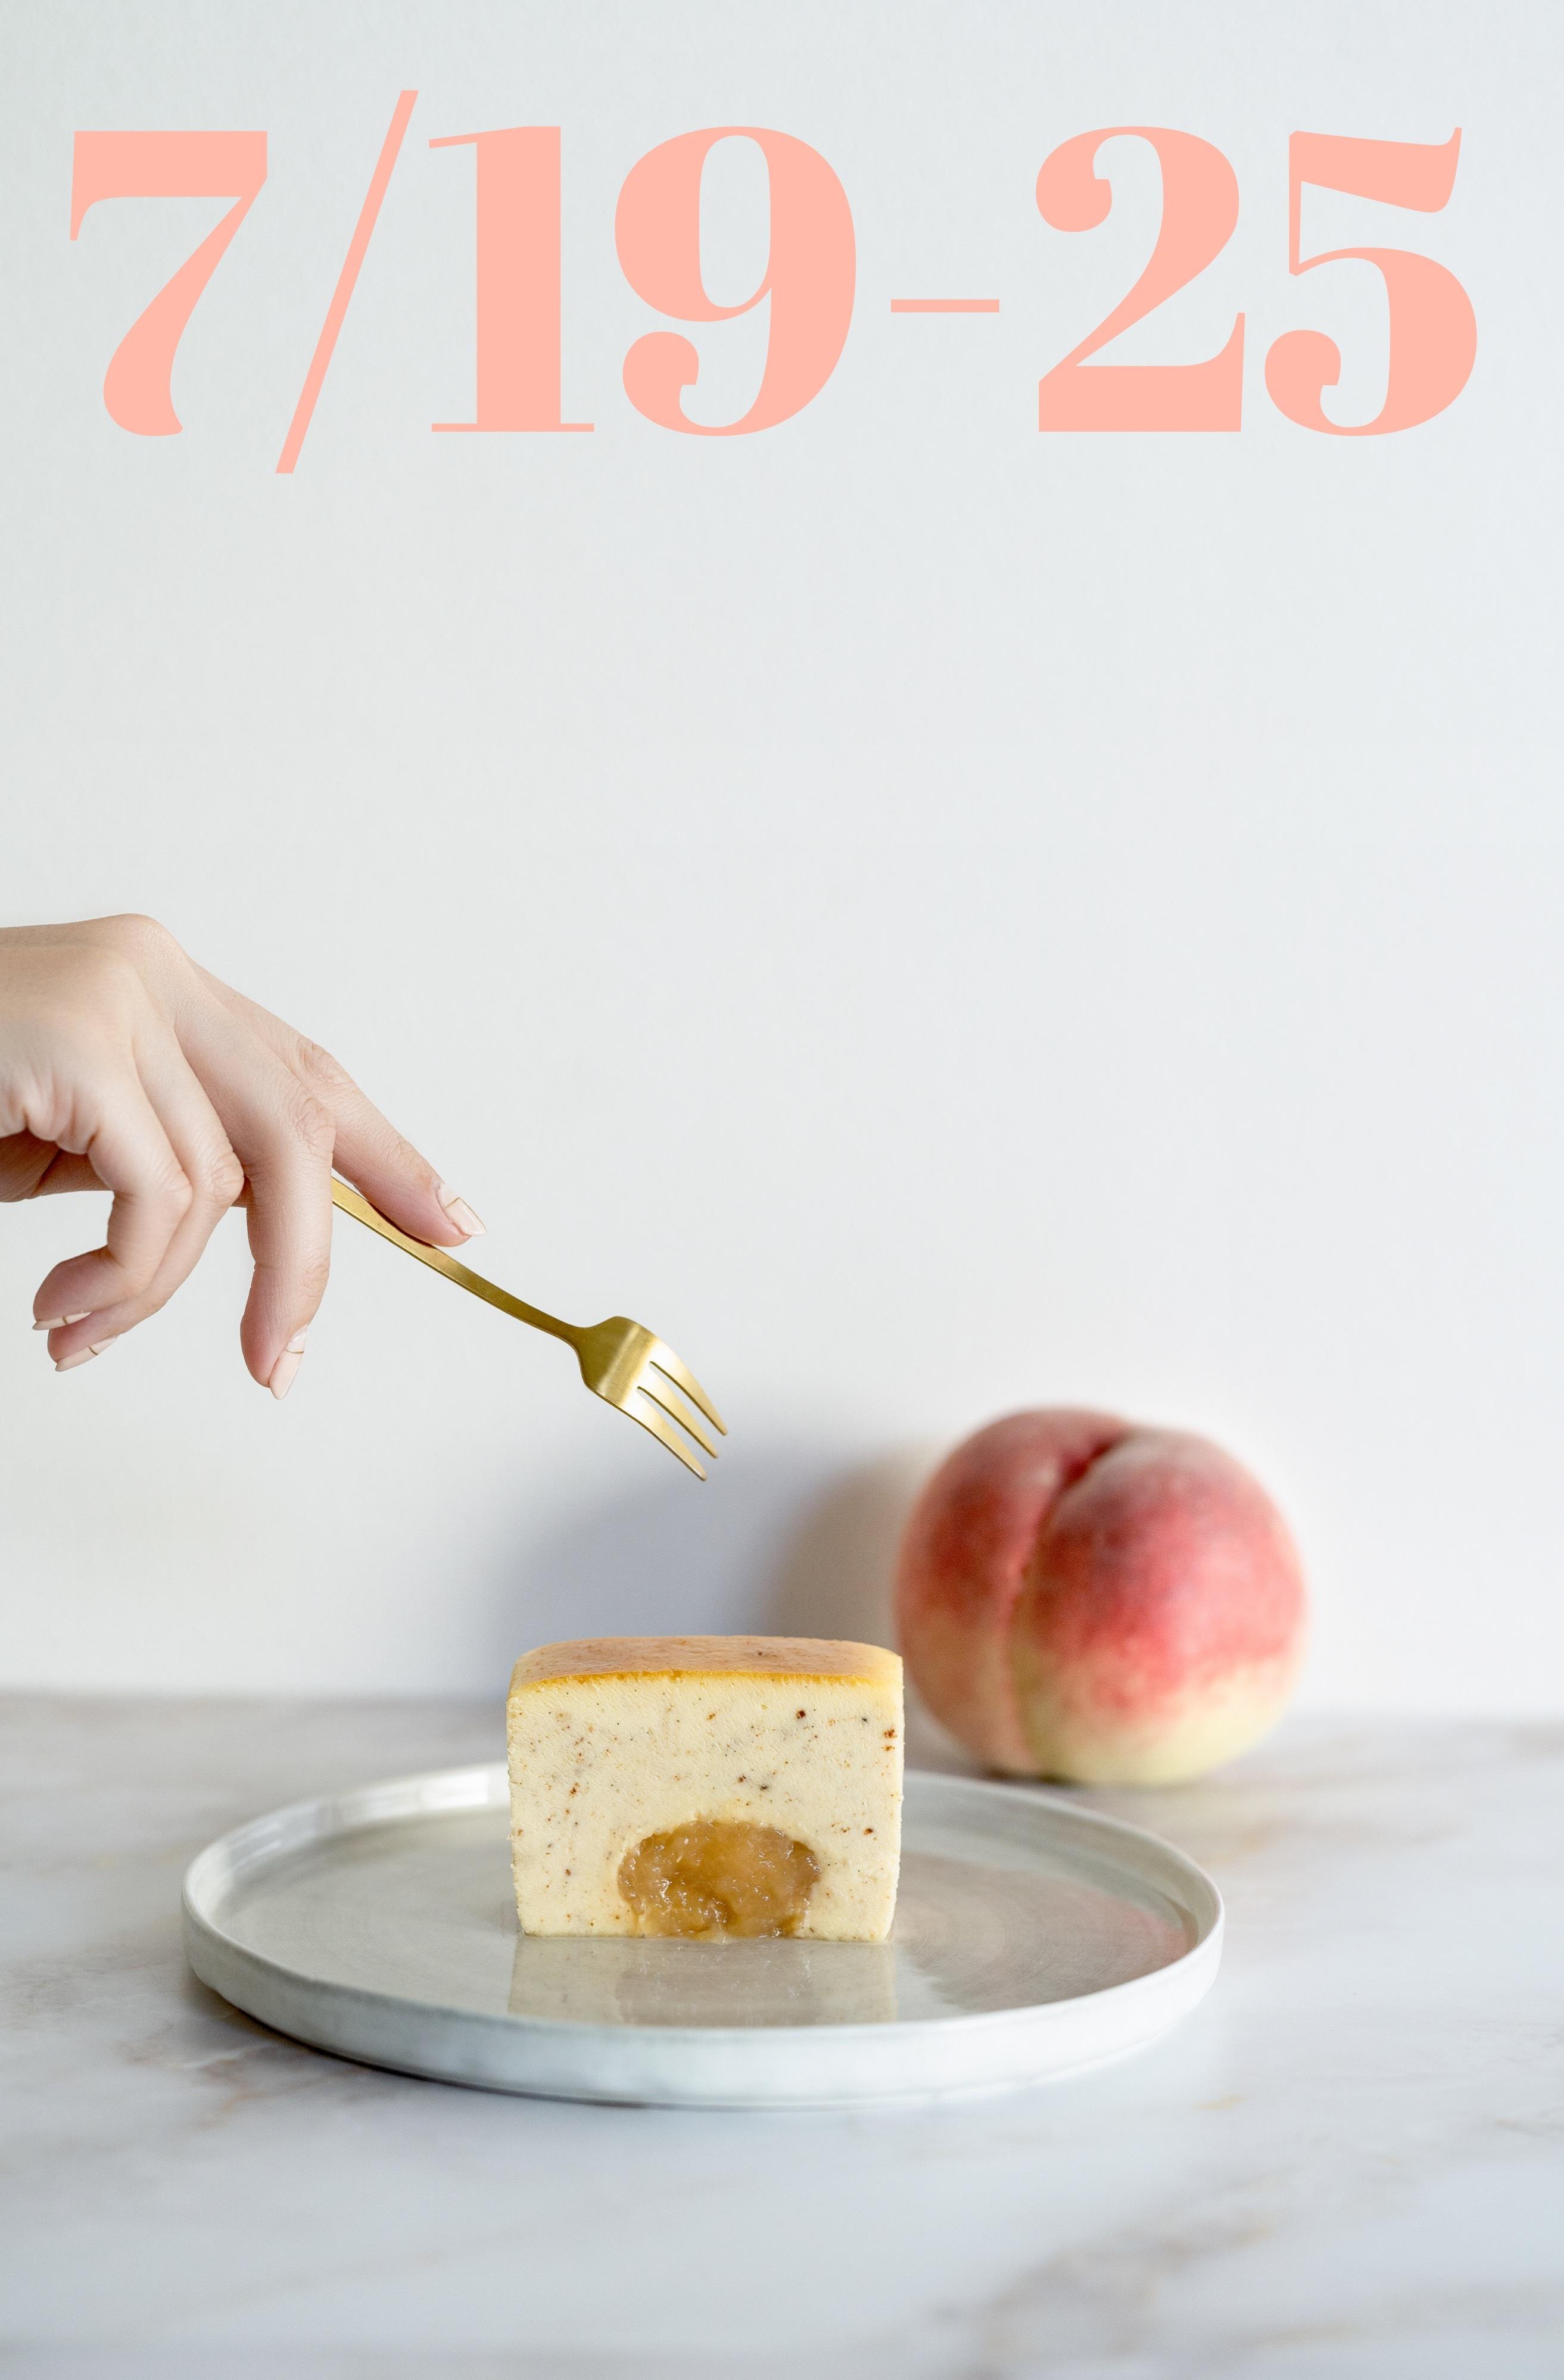 【7/19-25全国発送】*夏限定*ピーチチーズテリーヌ